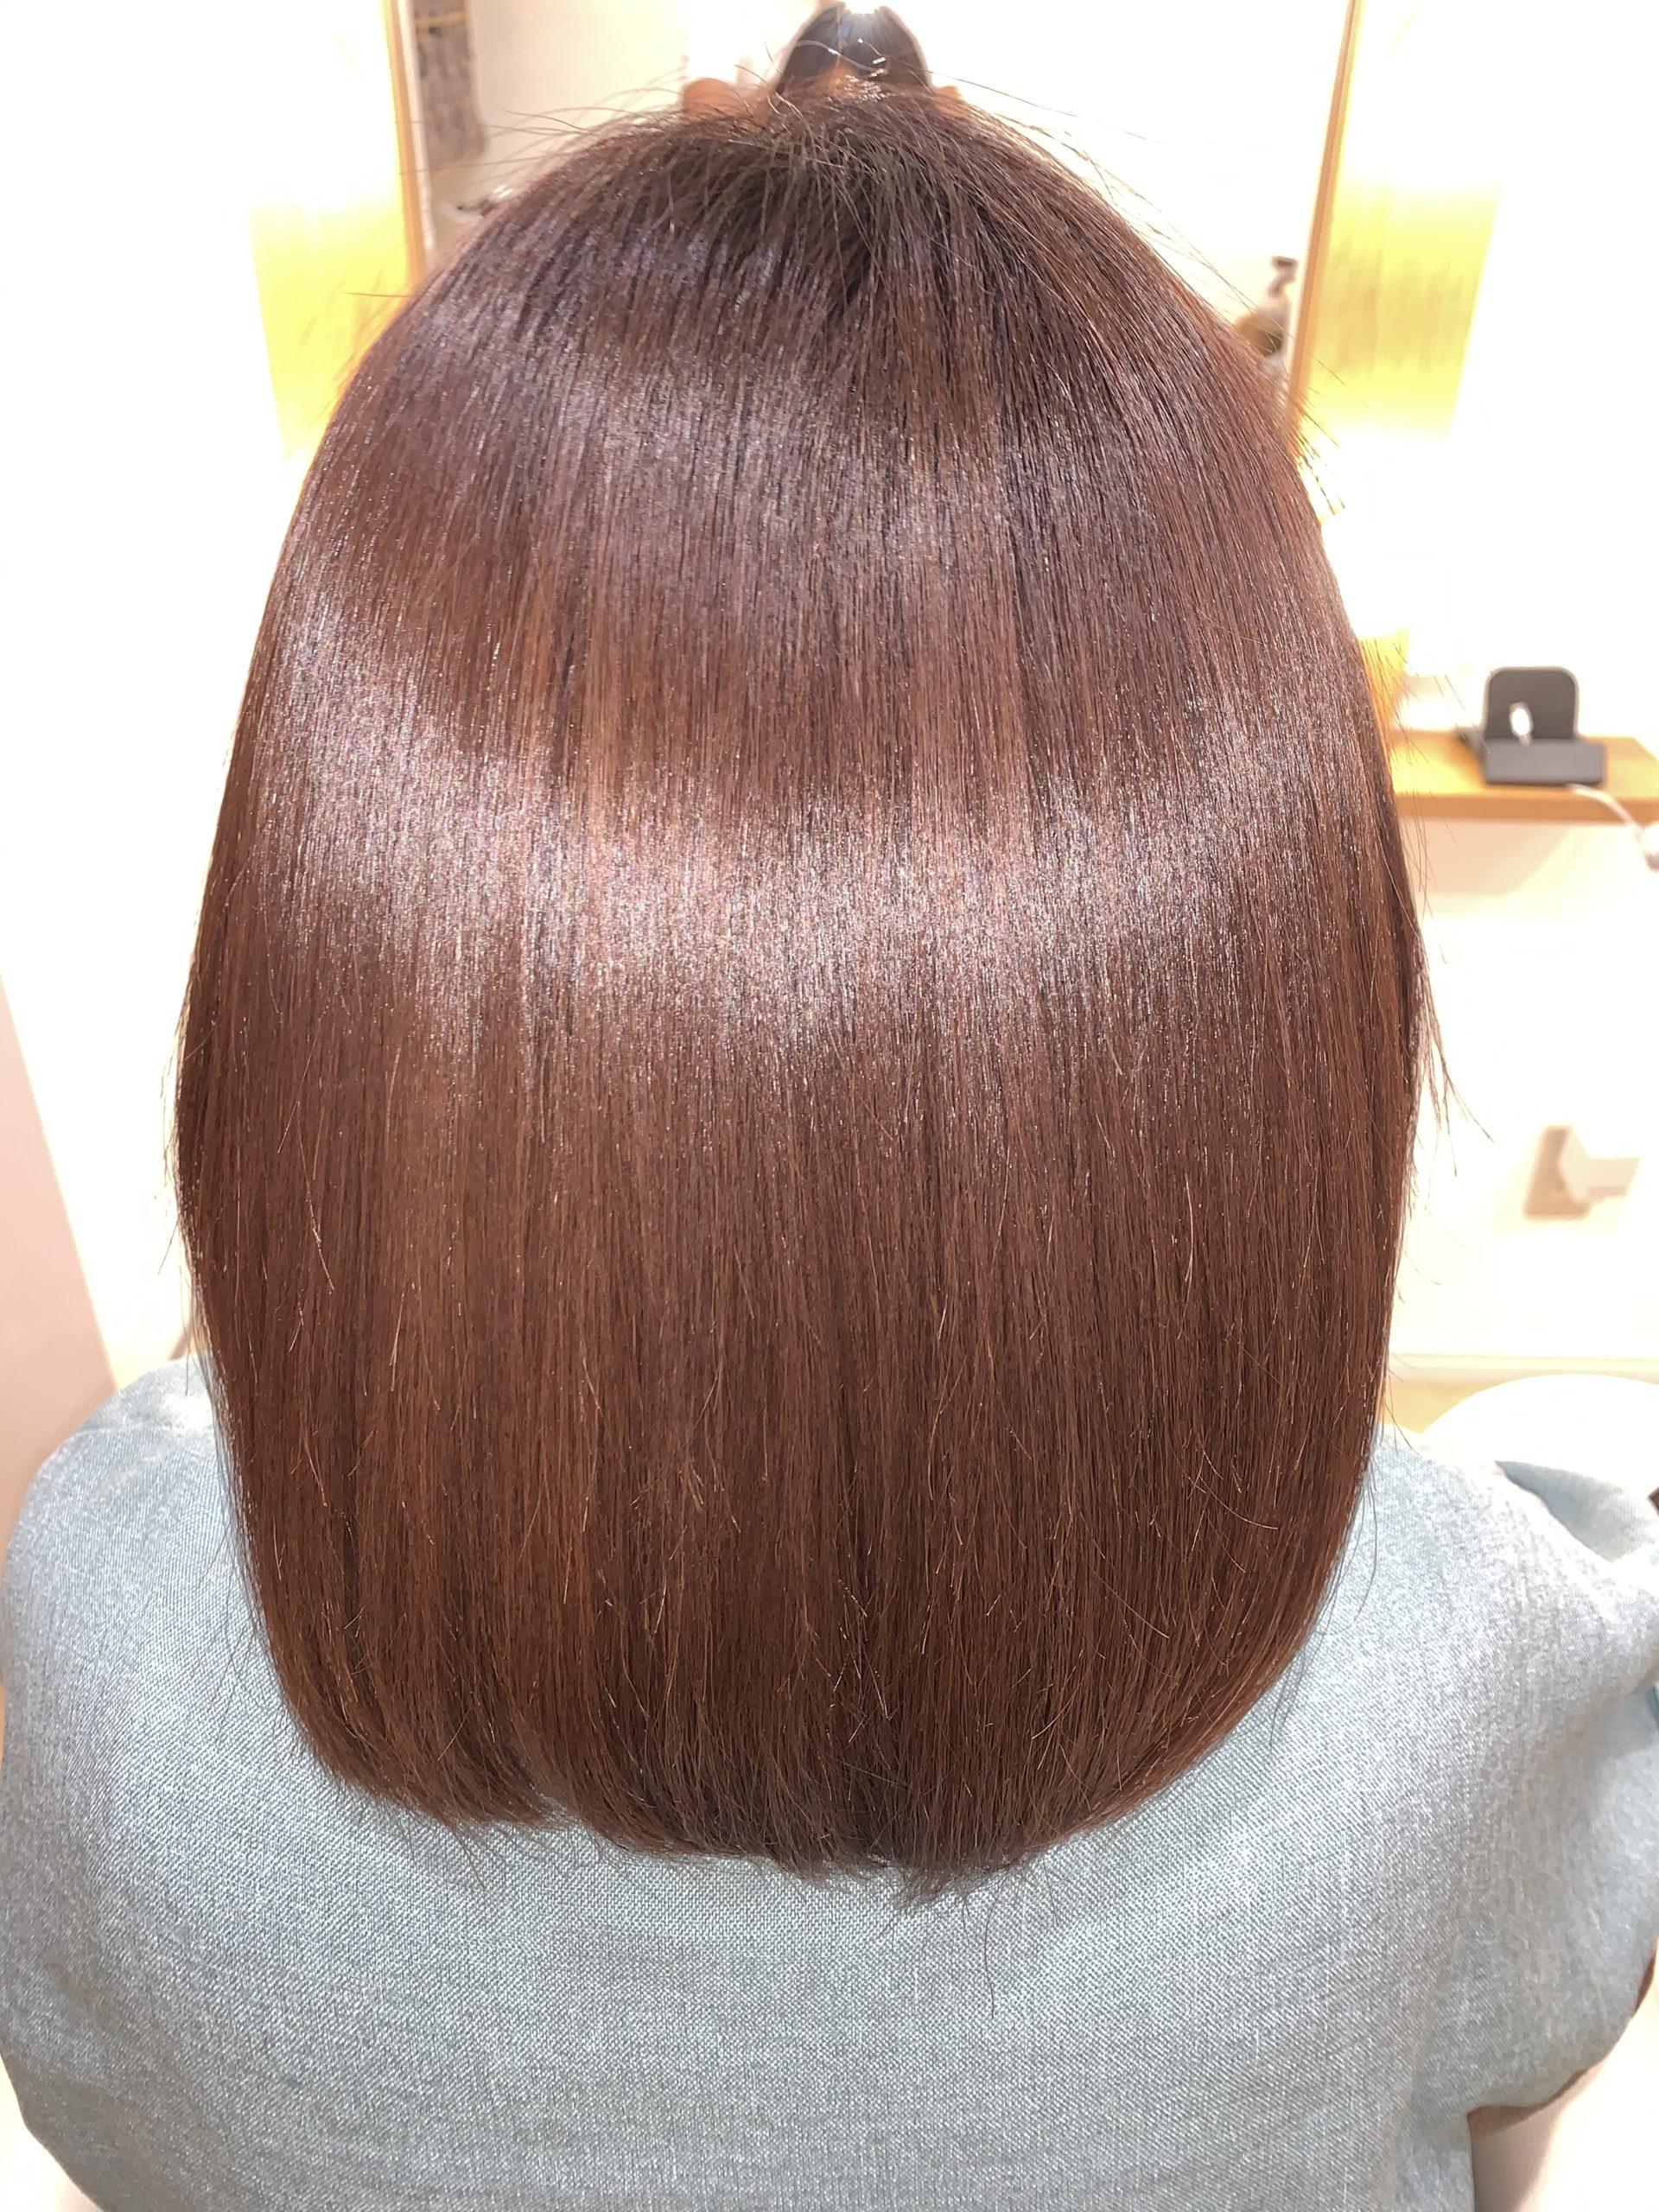 硬い髪質でも改善